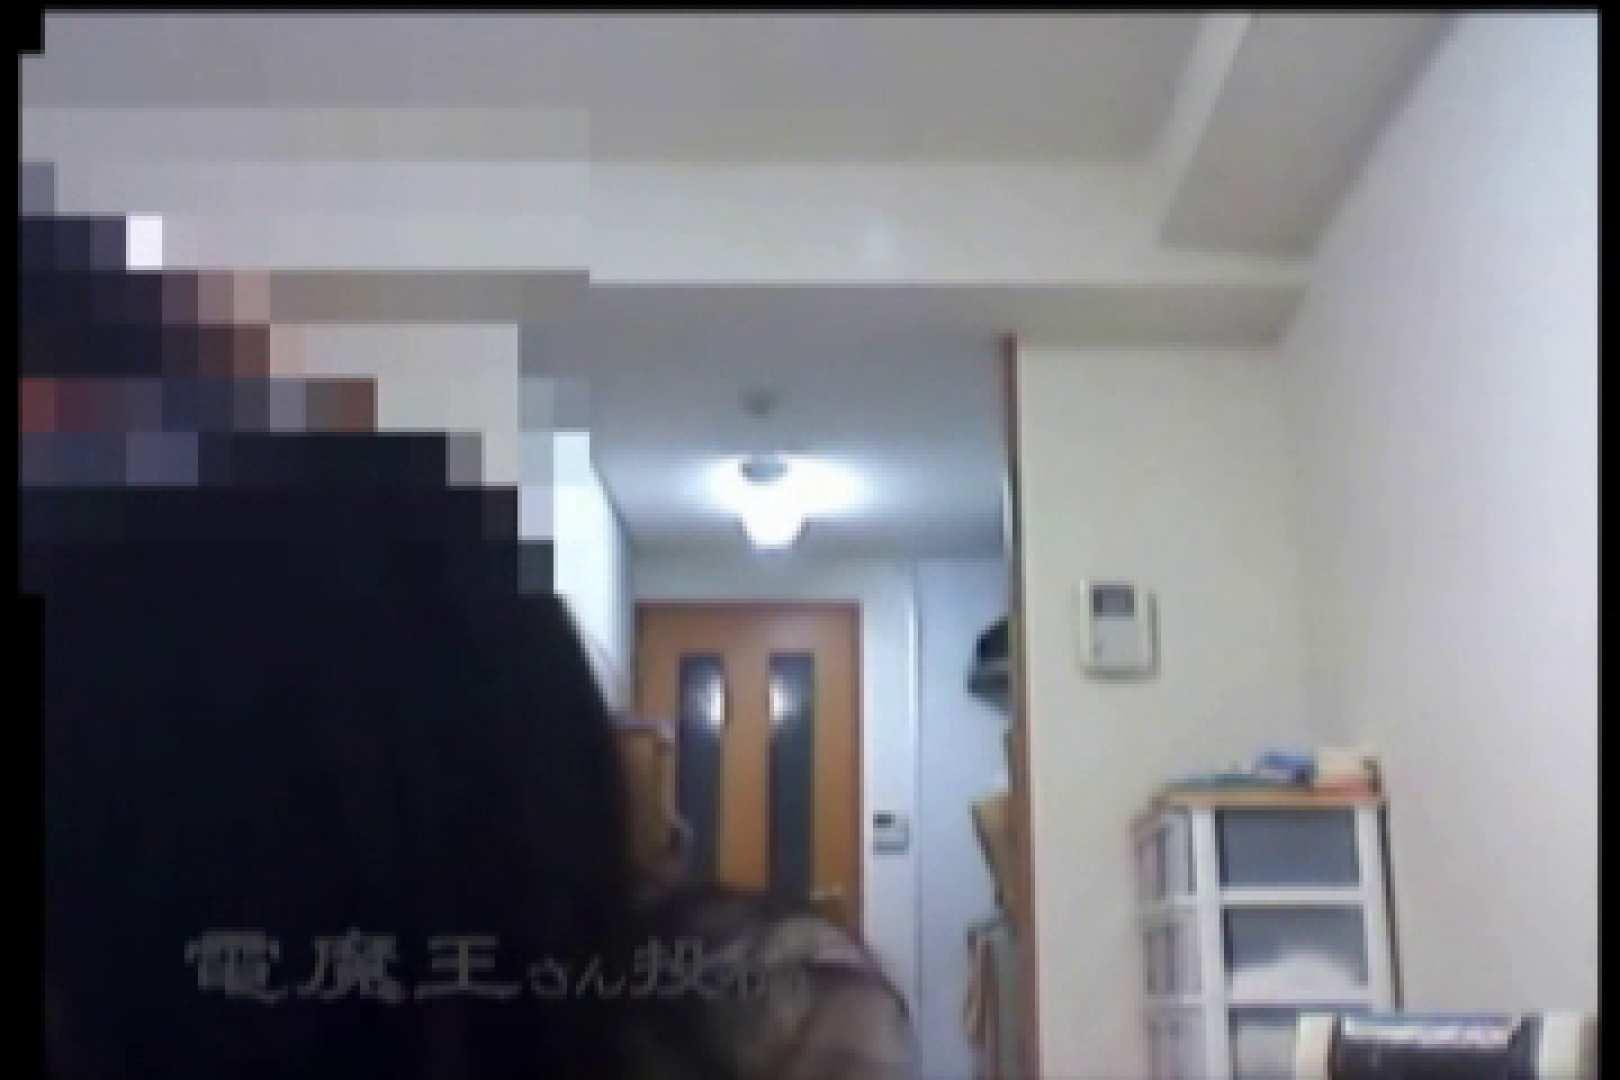 電魔王さんの「隠撮の部屋」ミーナ 隠撮 すけべAV動画紹介 105pic 83